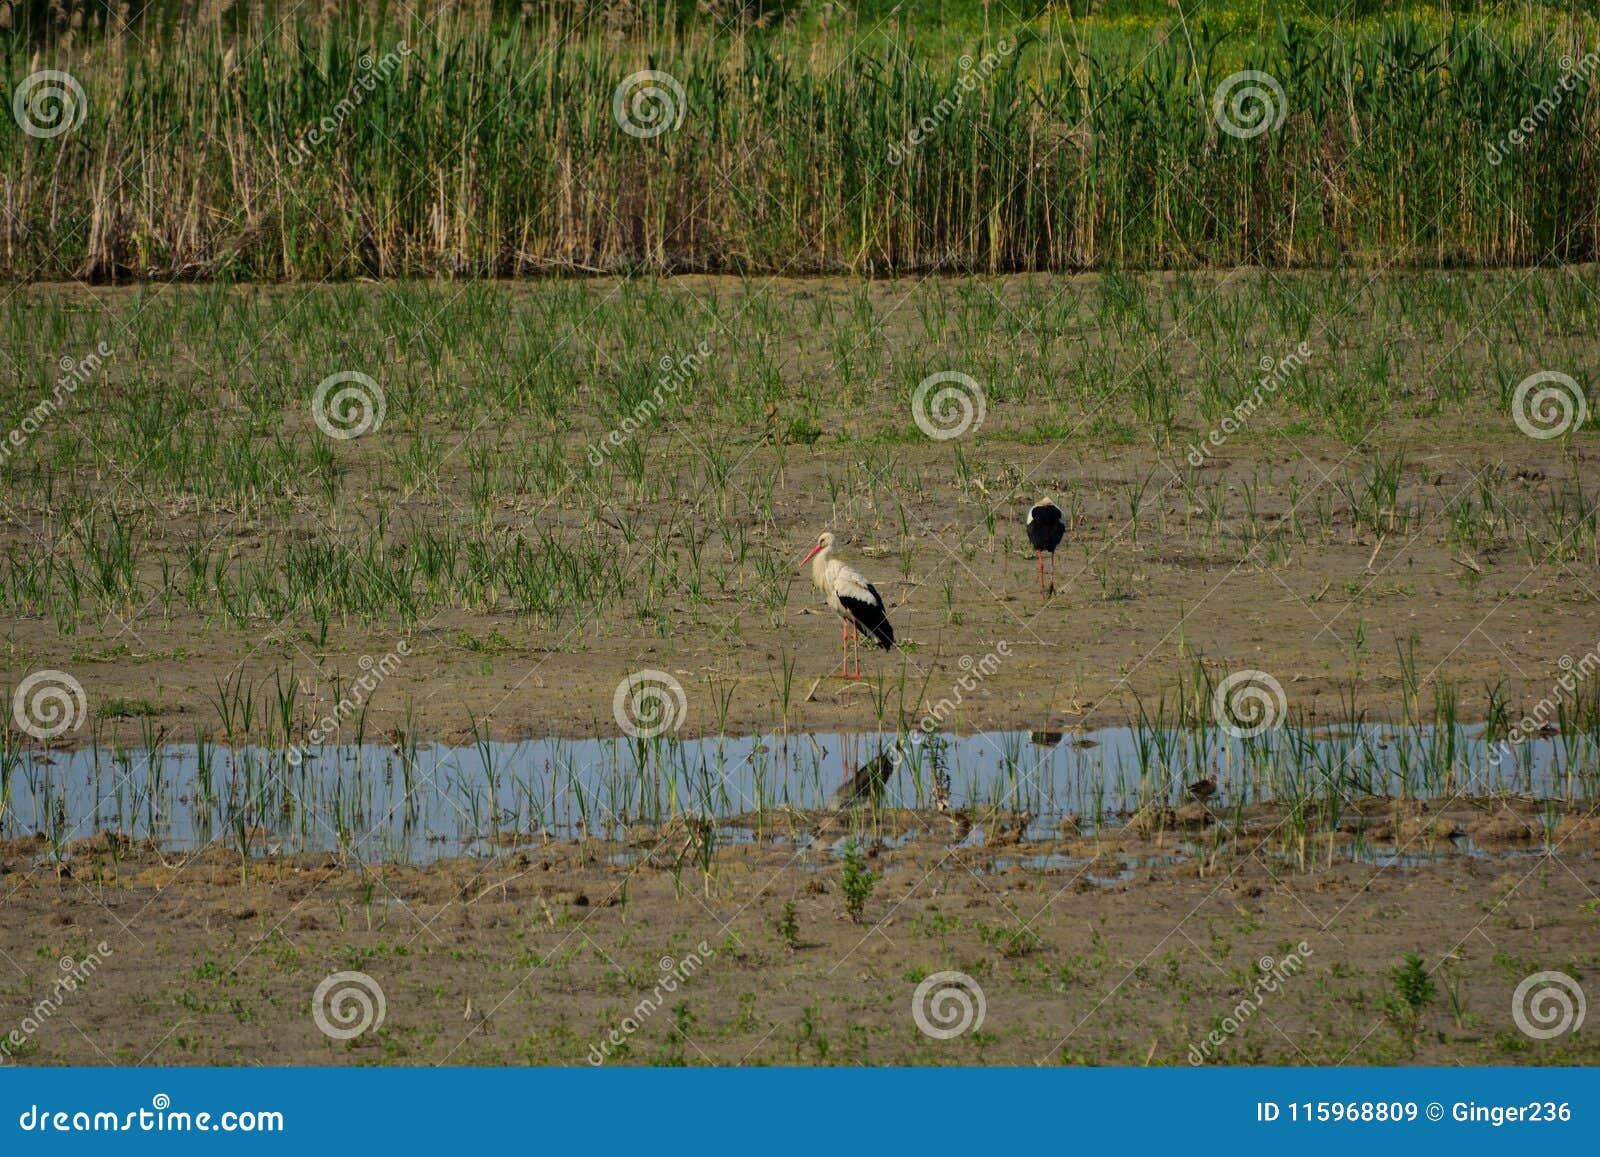 Άσπροι πελαργοί στην επιφύλαξη πουλιών Hutovo Blato